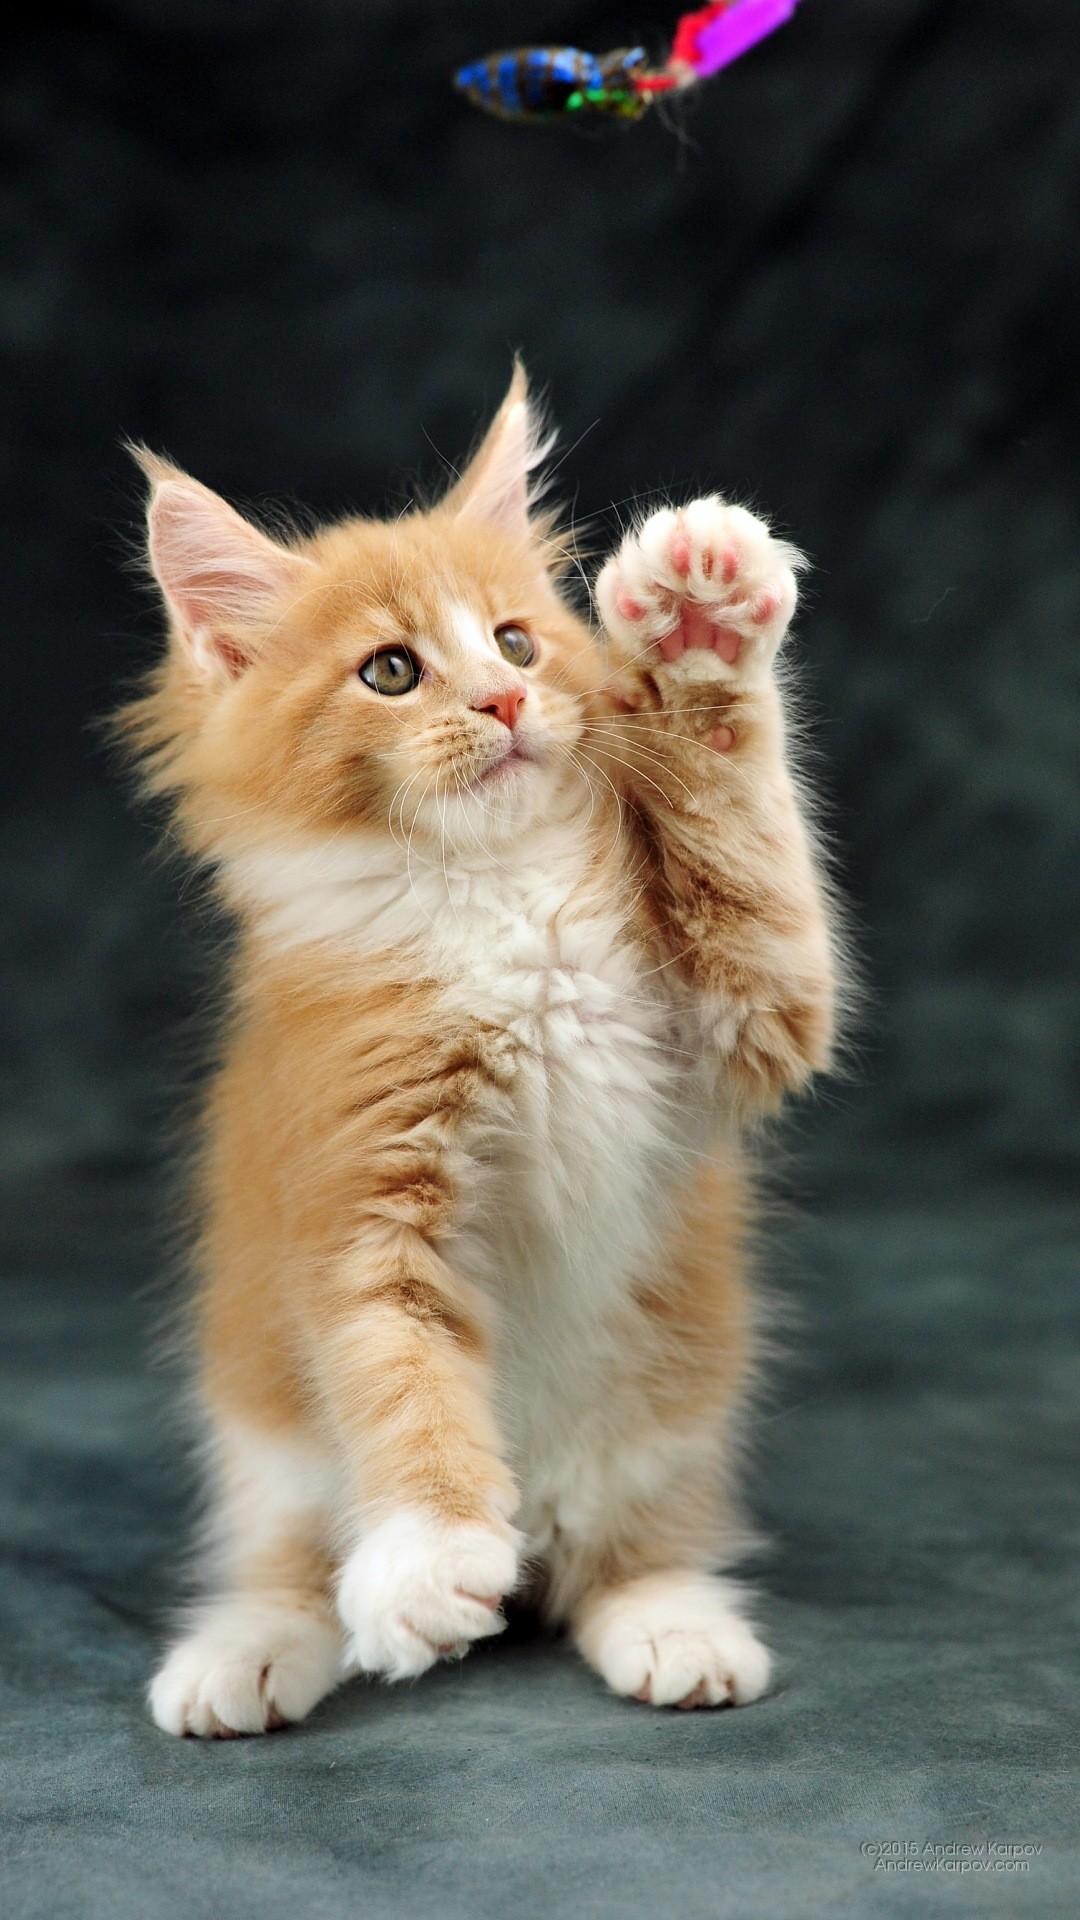 Gattini sfondi 73 immagini for Sfondi desktop animali